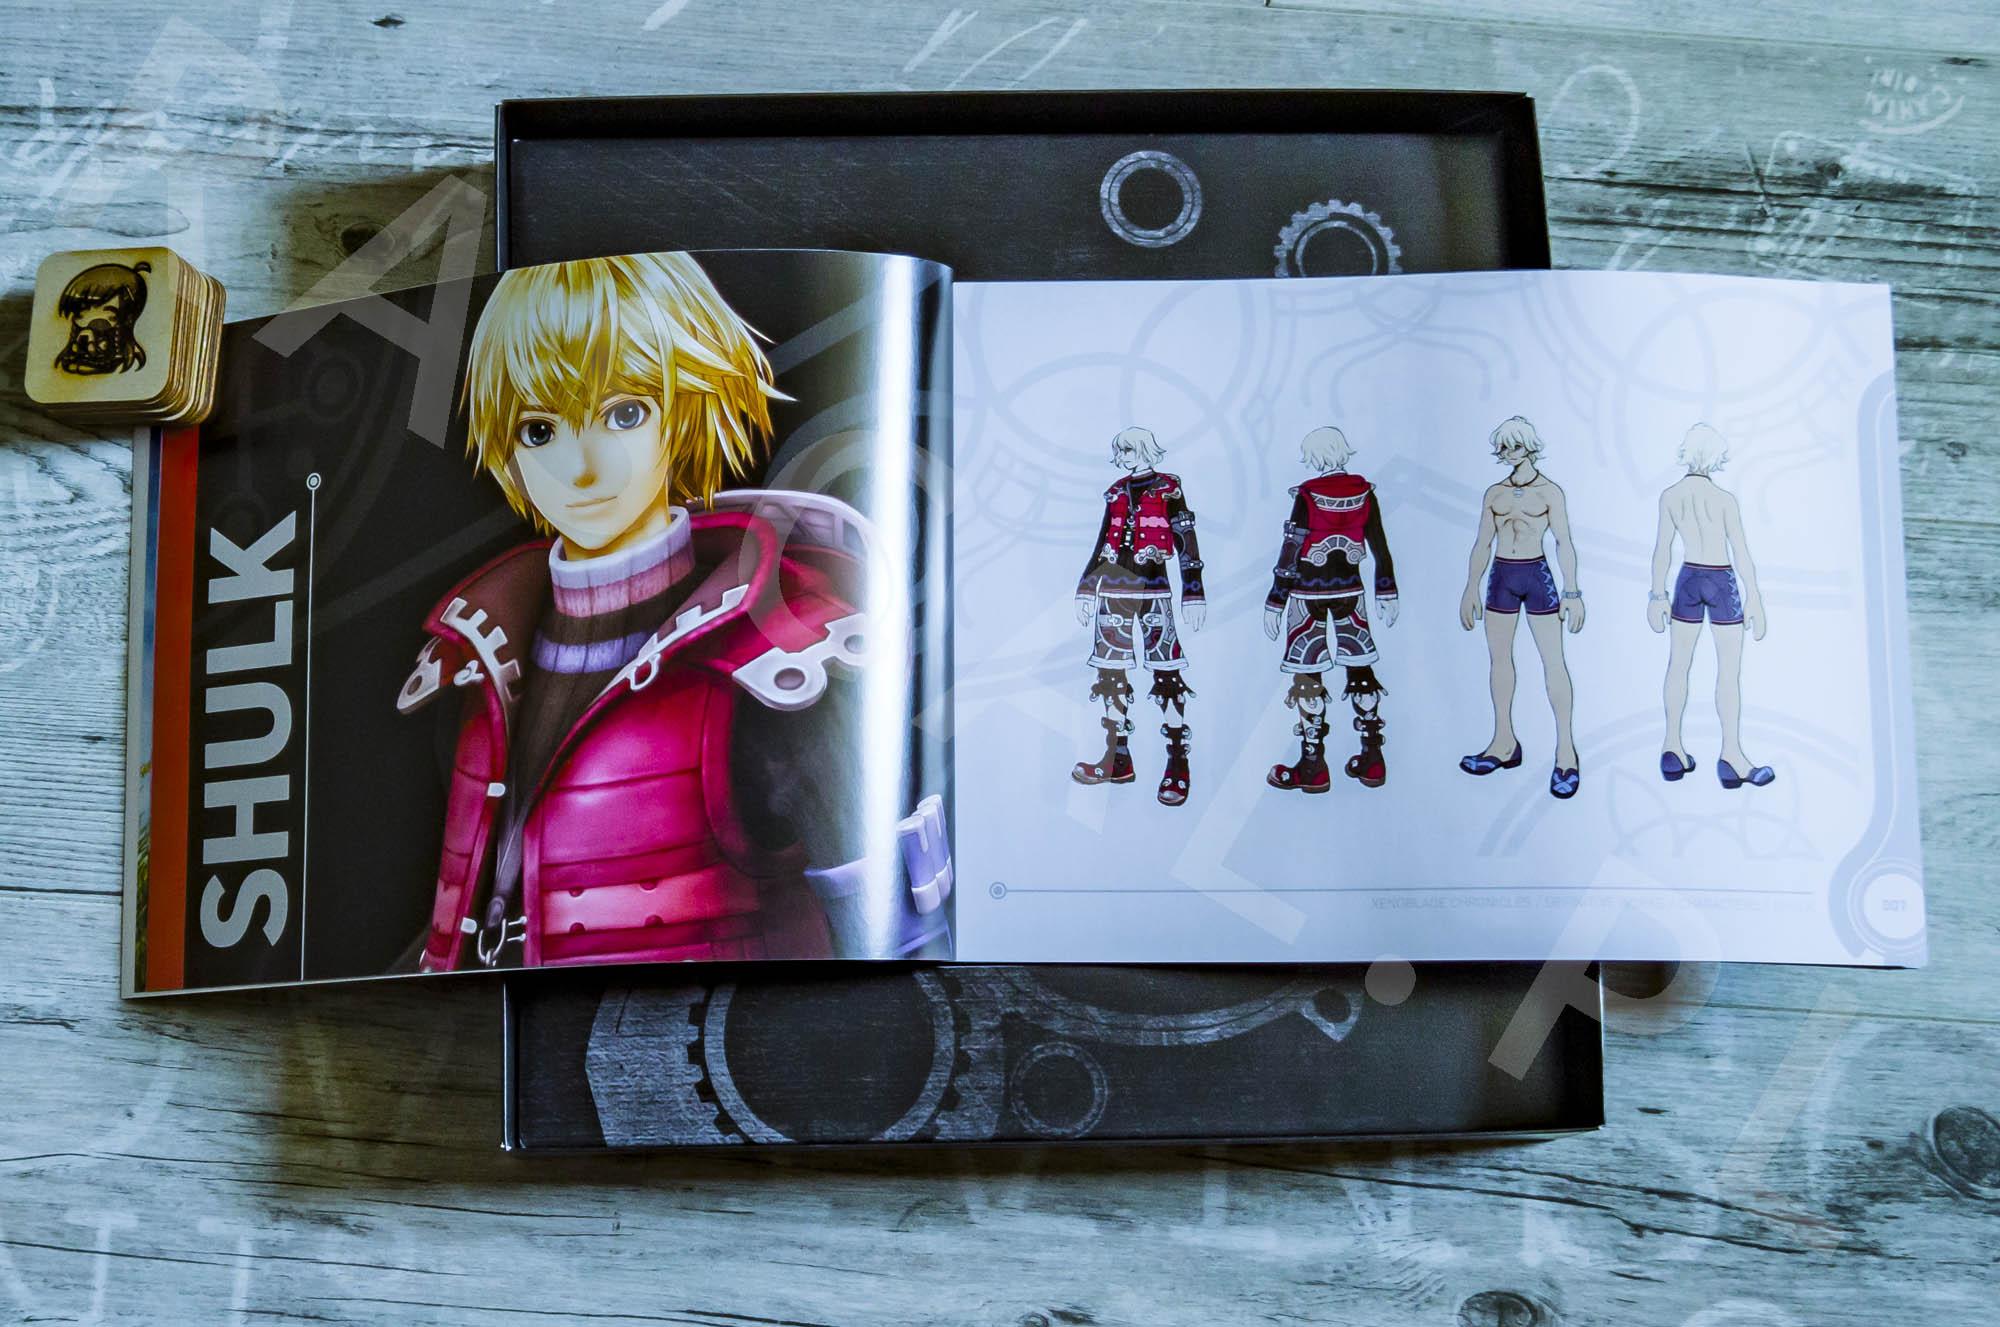 Xenoblade Chronicles Definitive Edition Collectors Set - Artbook - 03 - Shulk